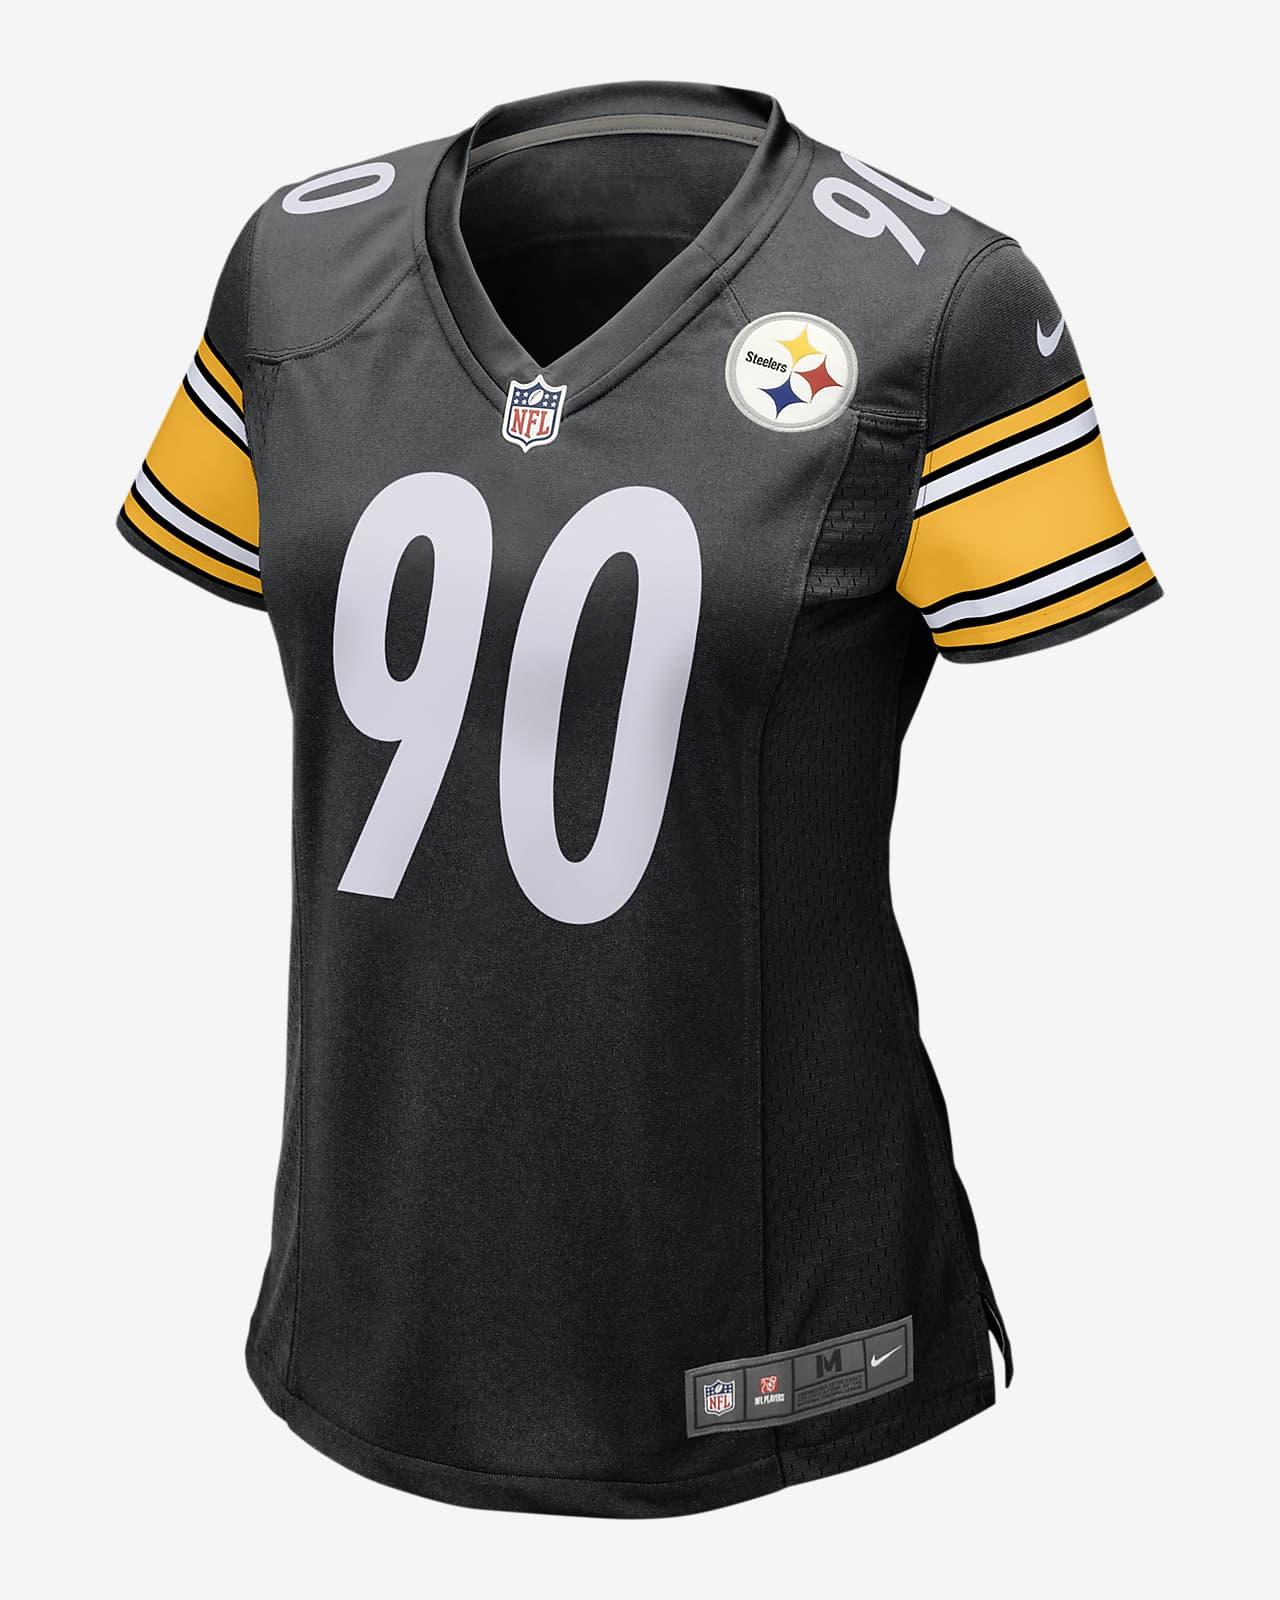 NFL Pittsburgh Steelers (TJ Watt) Women's Game Football Jersey